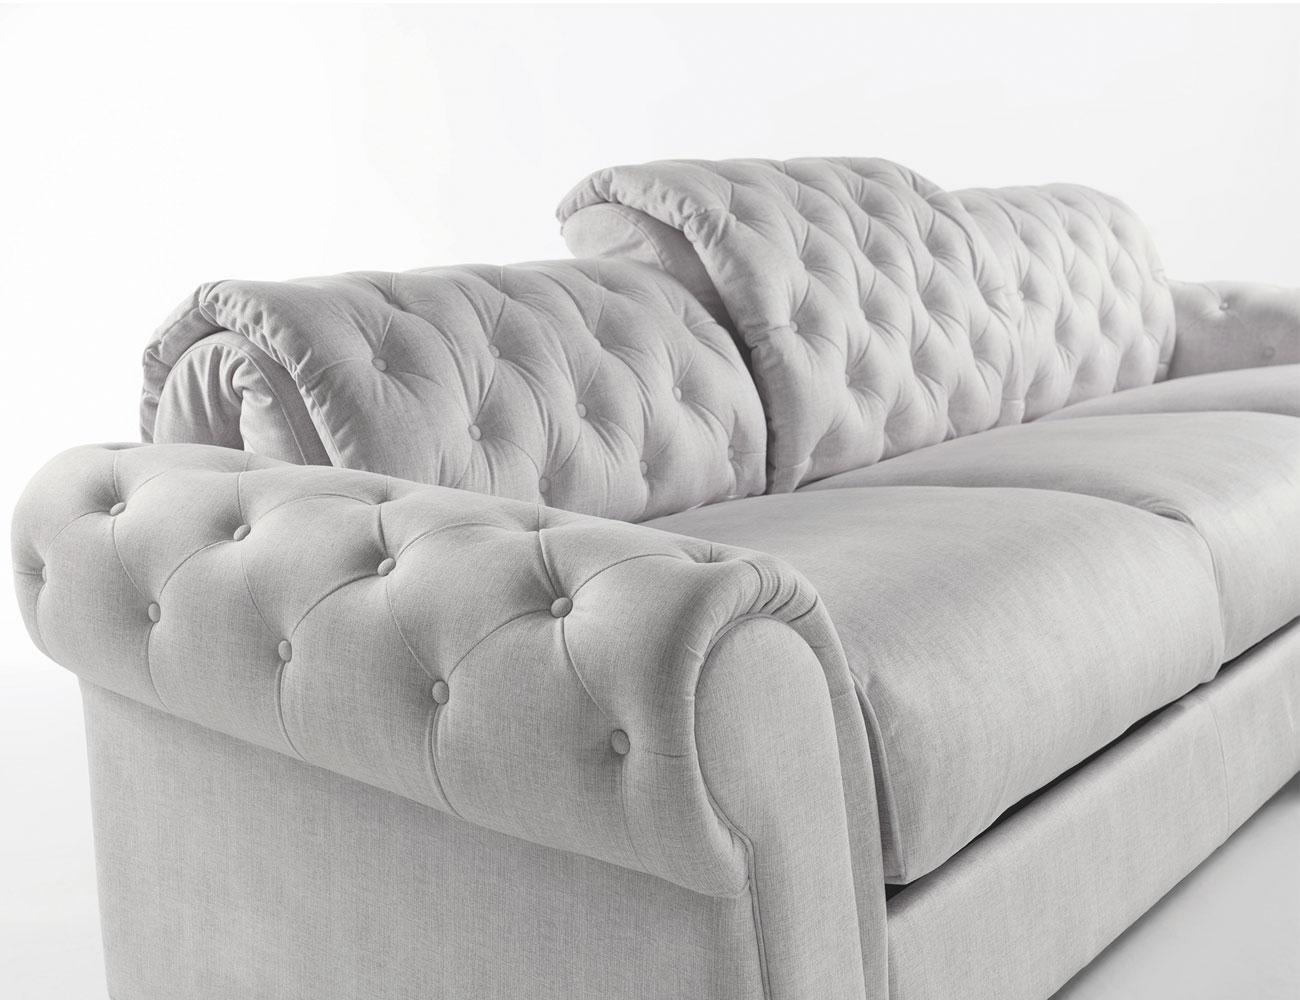 Sofa chaiselongue gran lujo decorativo capitone blanco tela 150